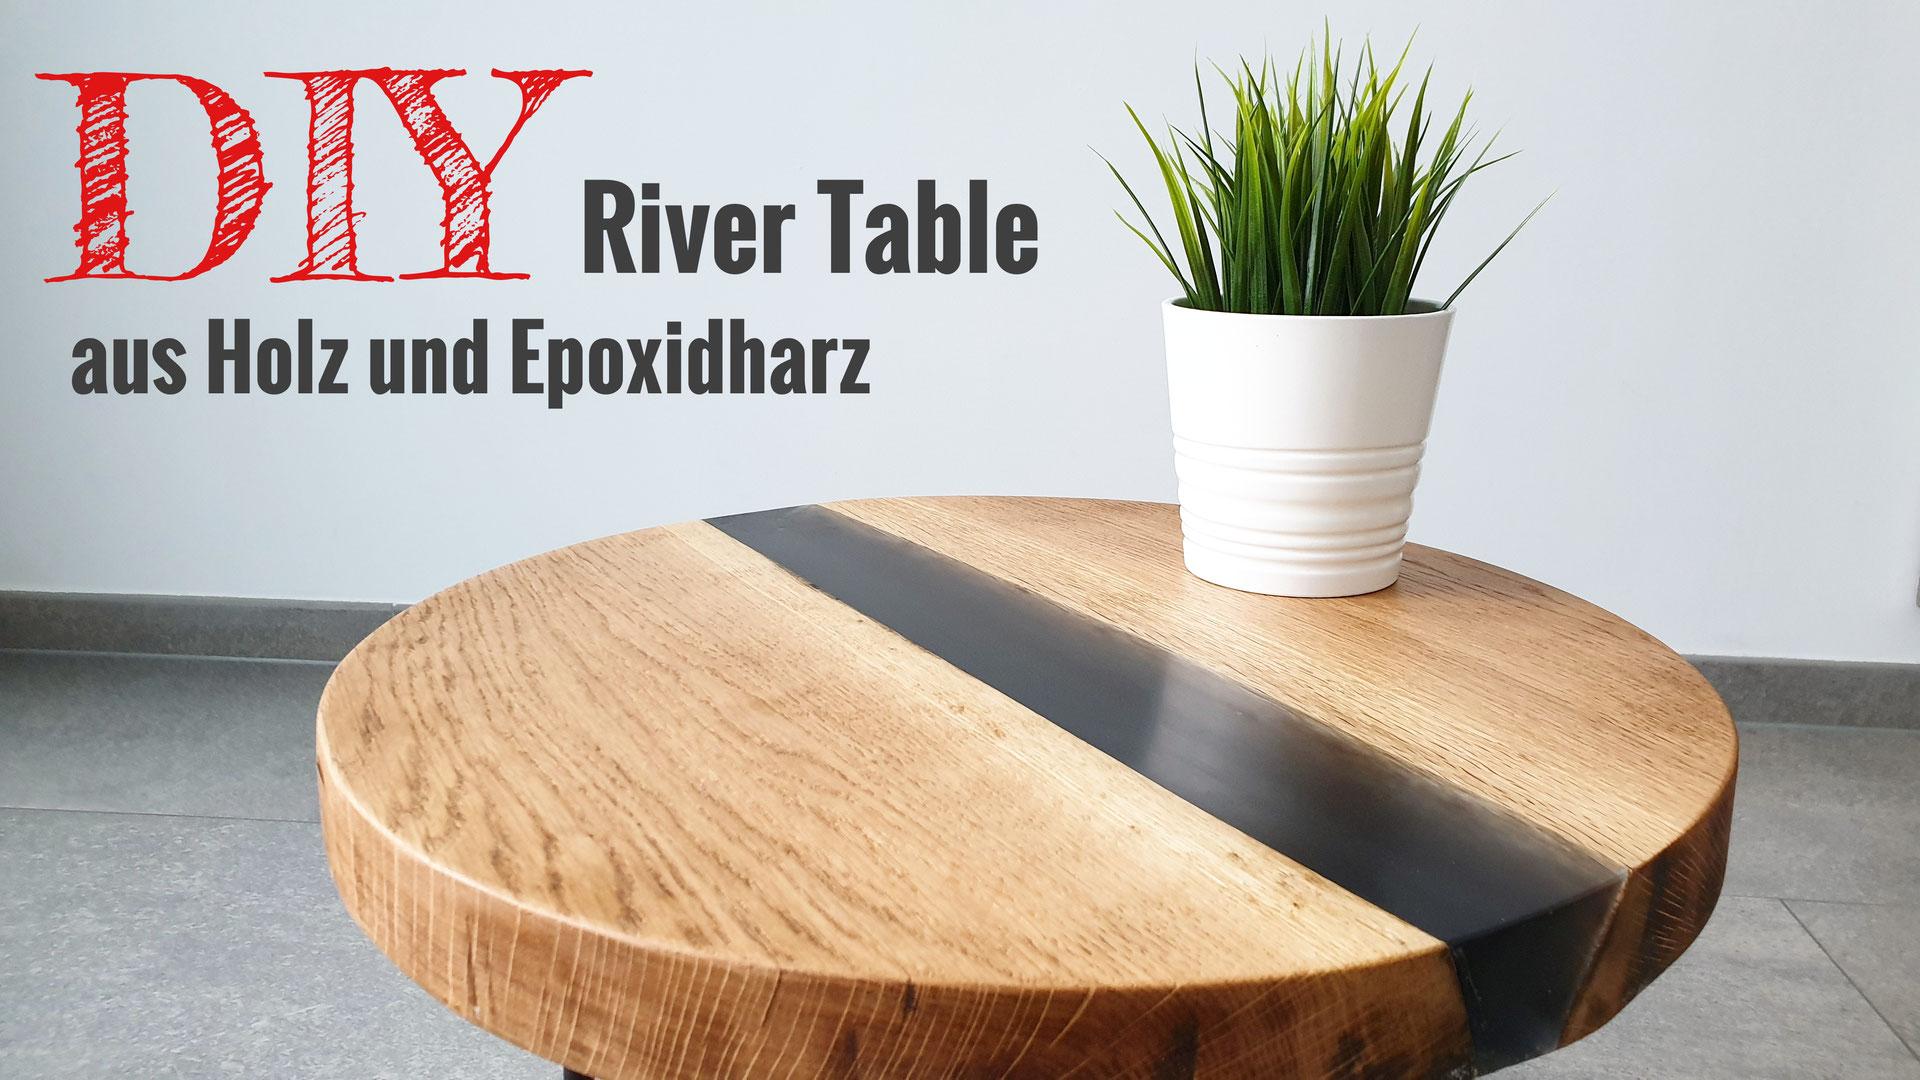 DIY River Table aus Holz und Epoxidharz Baue dir deine